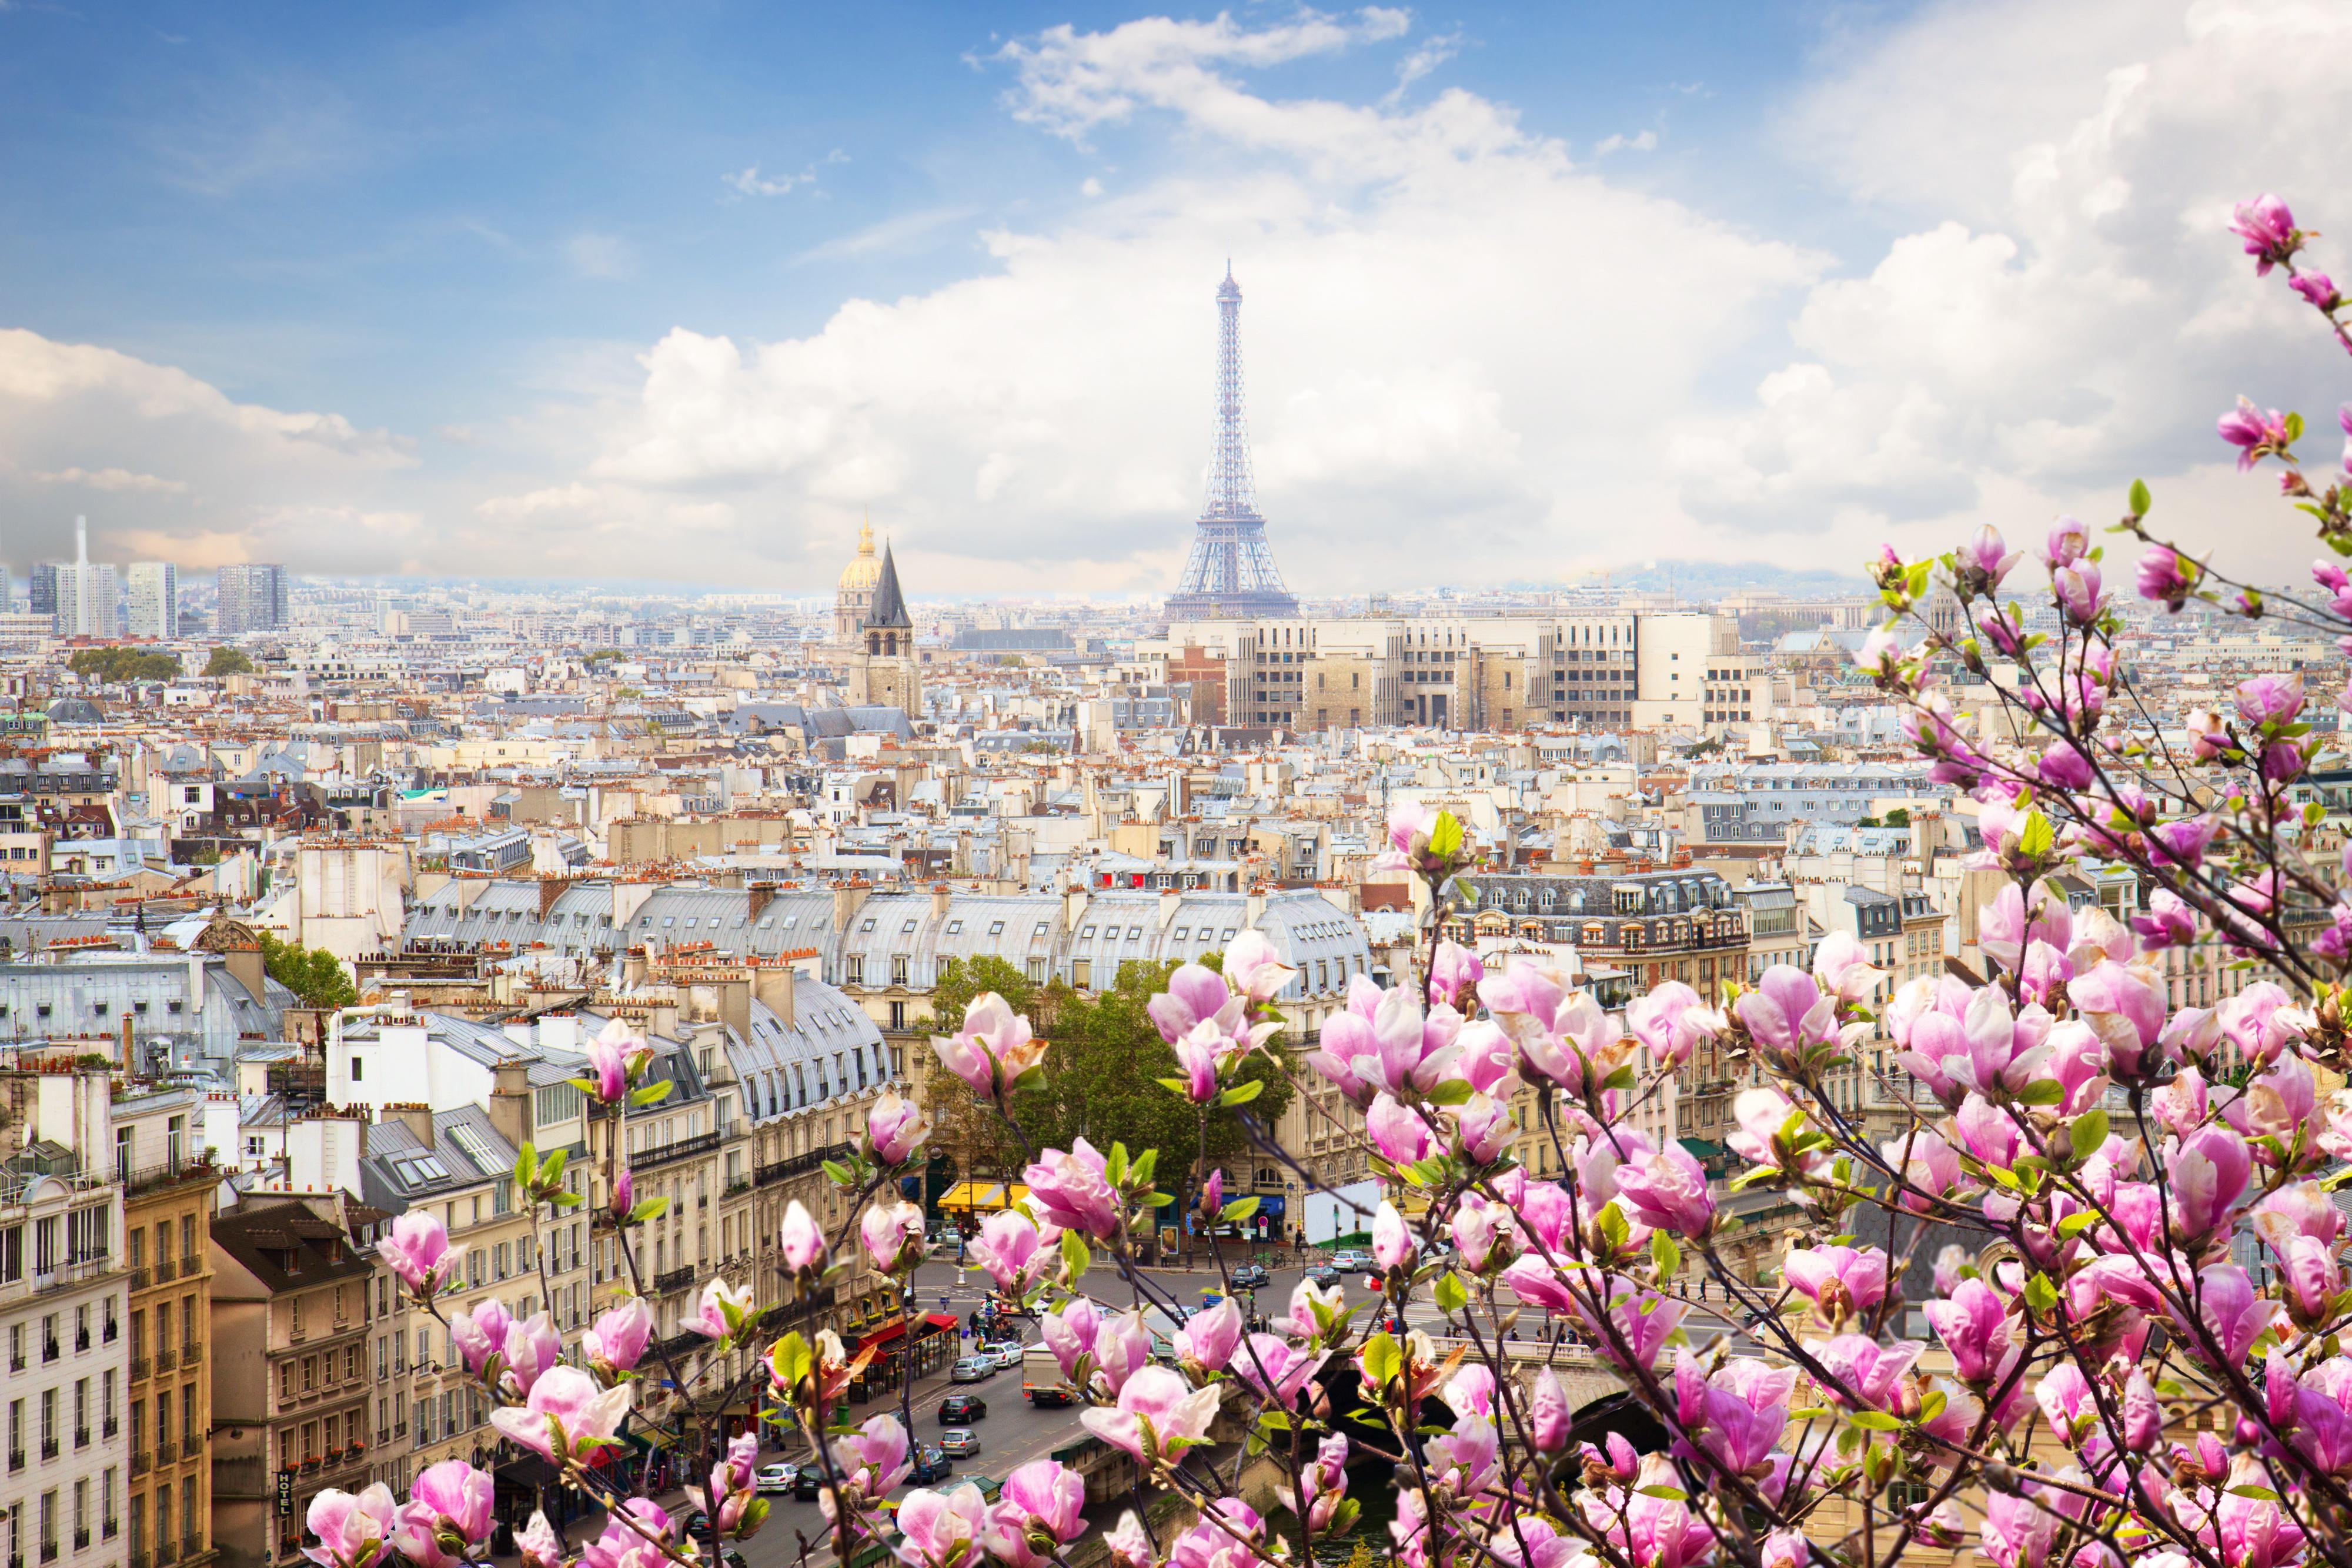 eiffel tower france flowers beautiful 4k 1608983171 - Eiffel Tower France Flowers Beautiful 4k - Eiffel Tower France Flowers Beautiful 4k wallpapers